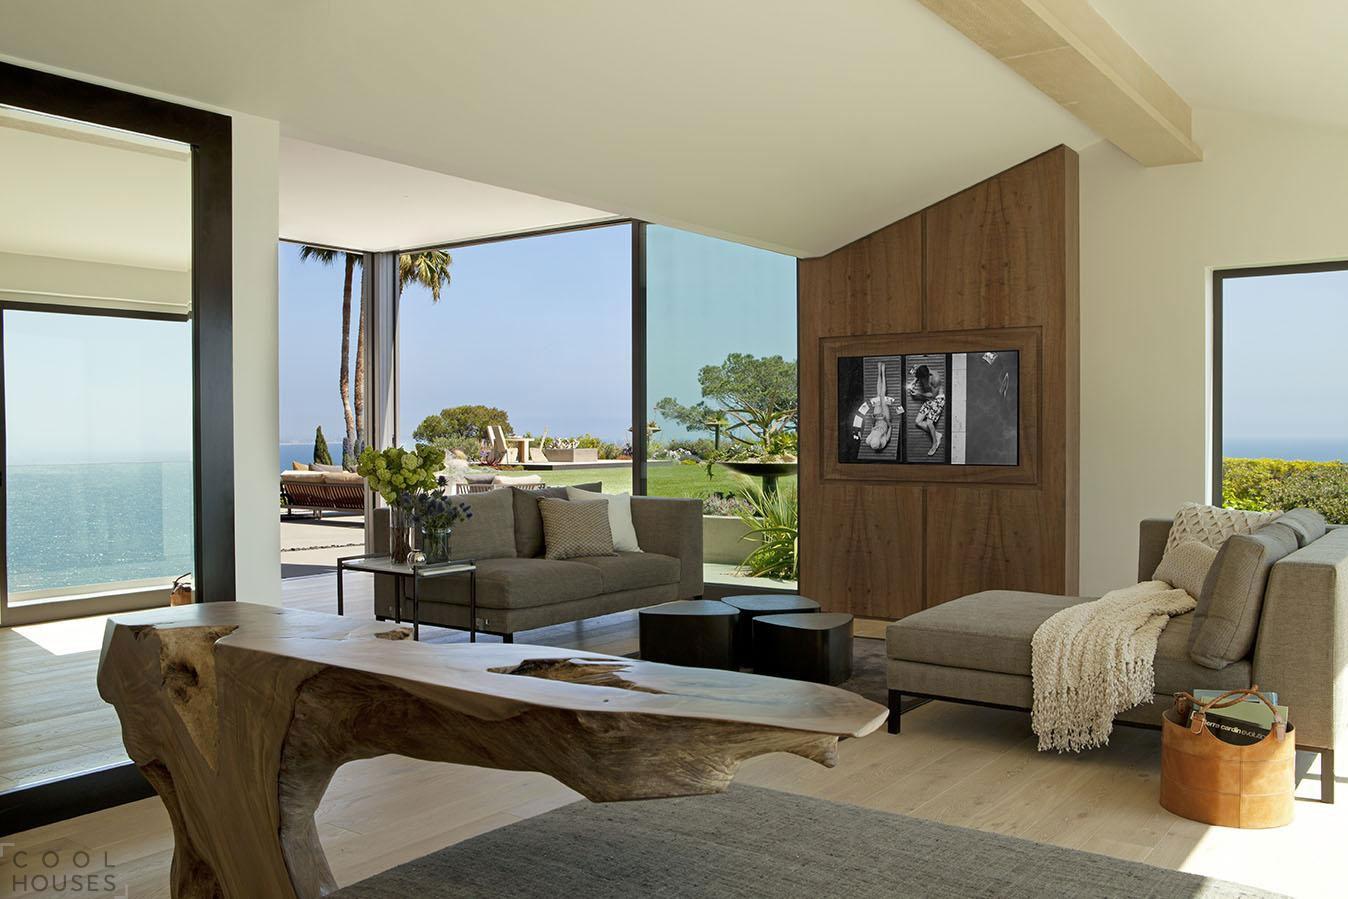 Частный дом с видом на Тихий океан